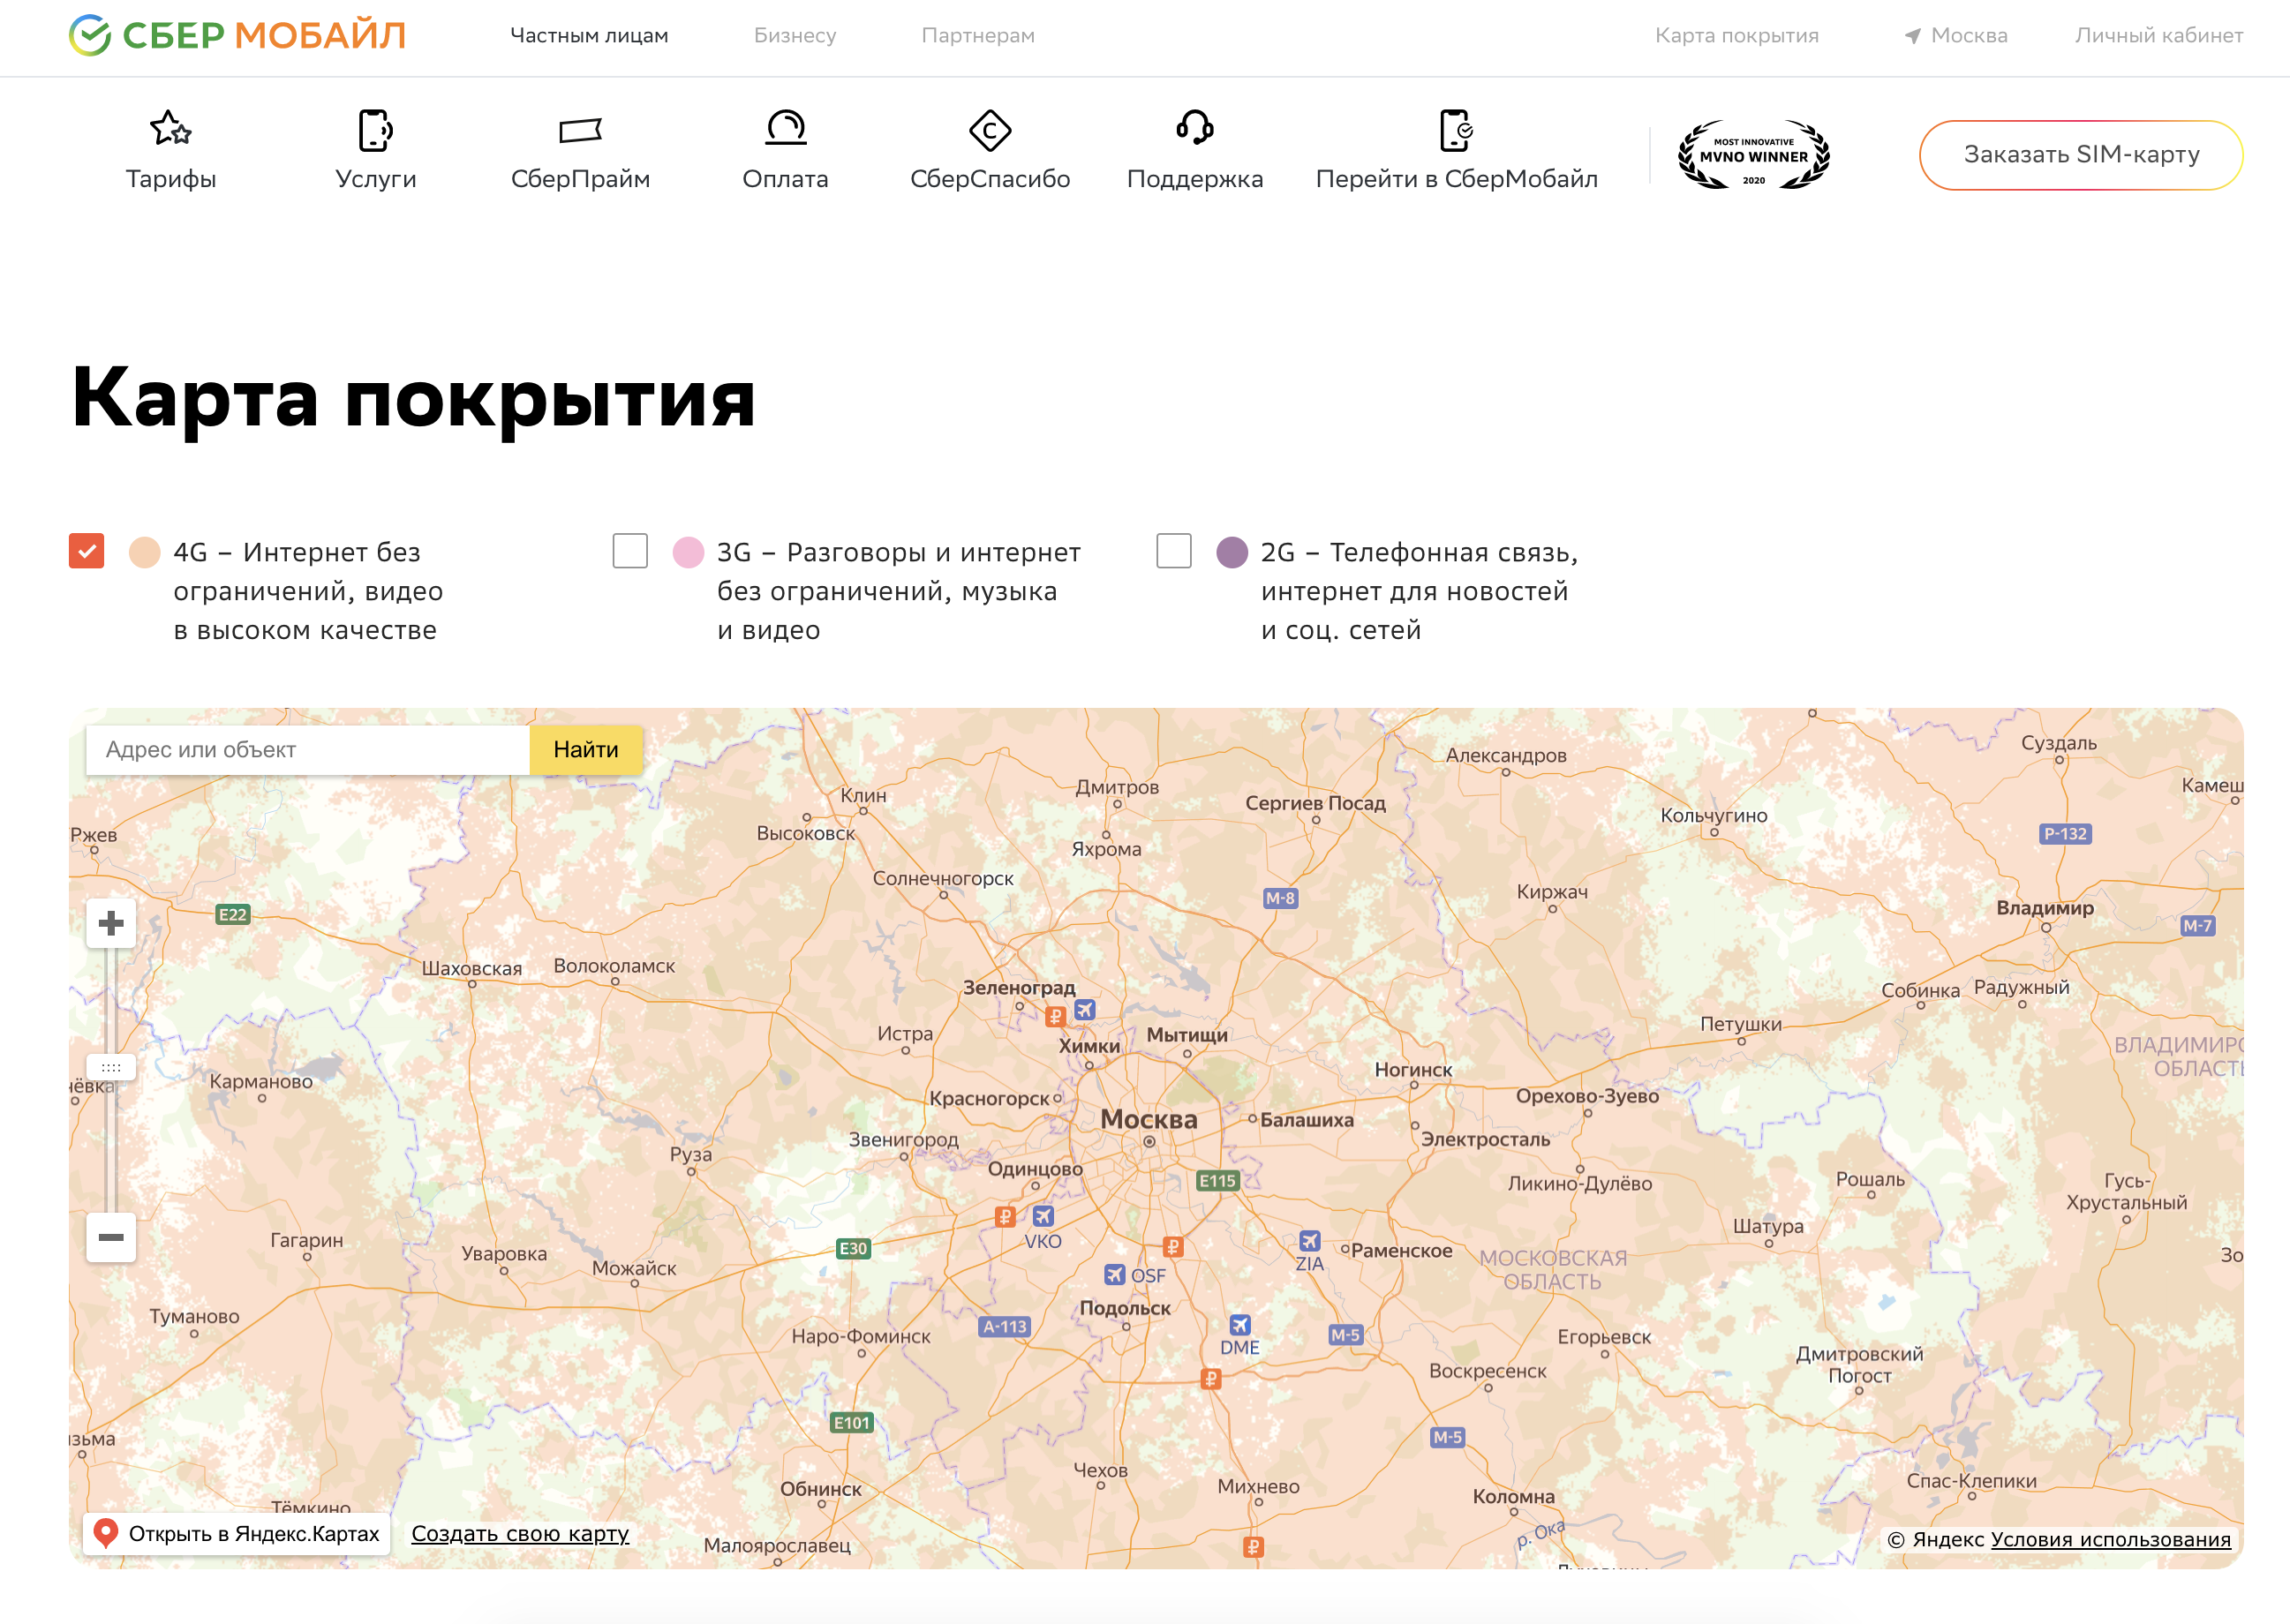 зона покрытия сбермобайл в россии зона покрытия 4G